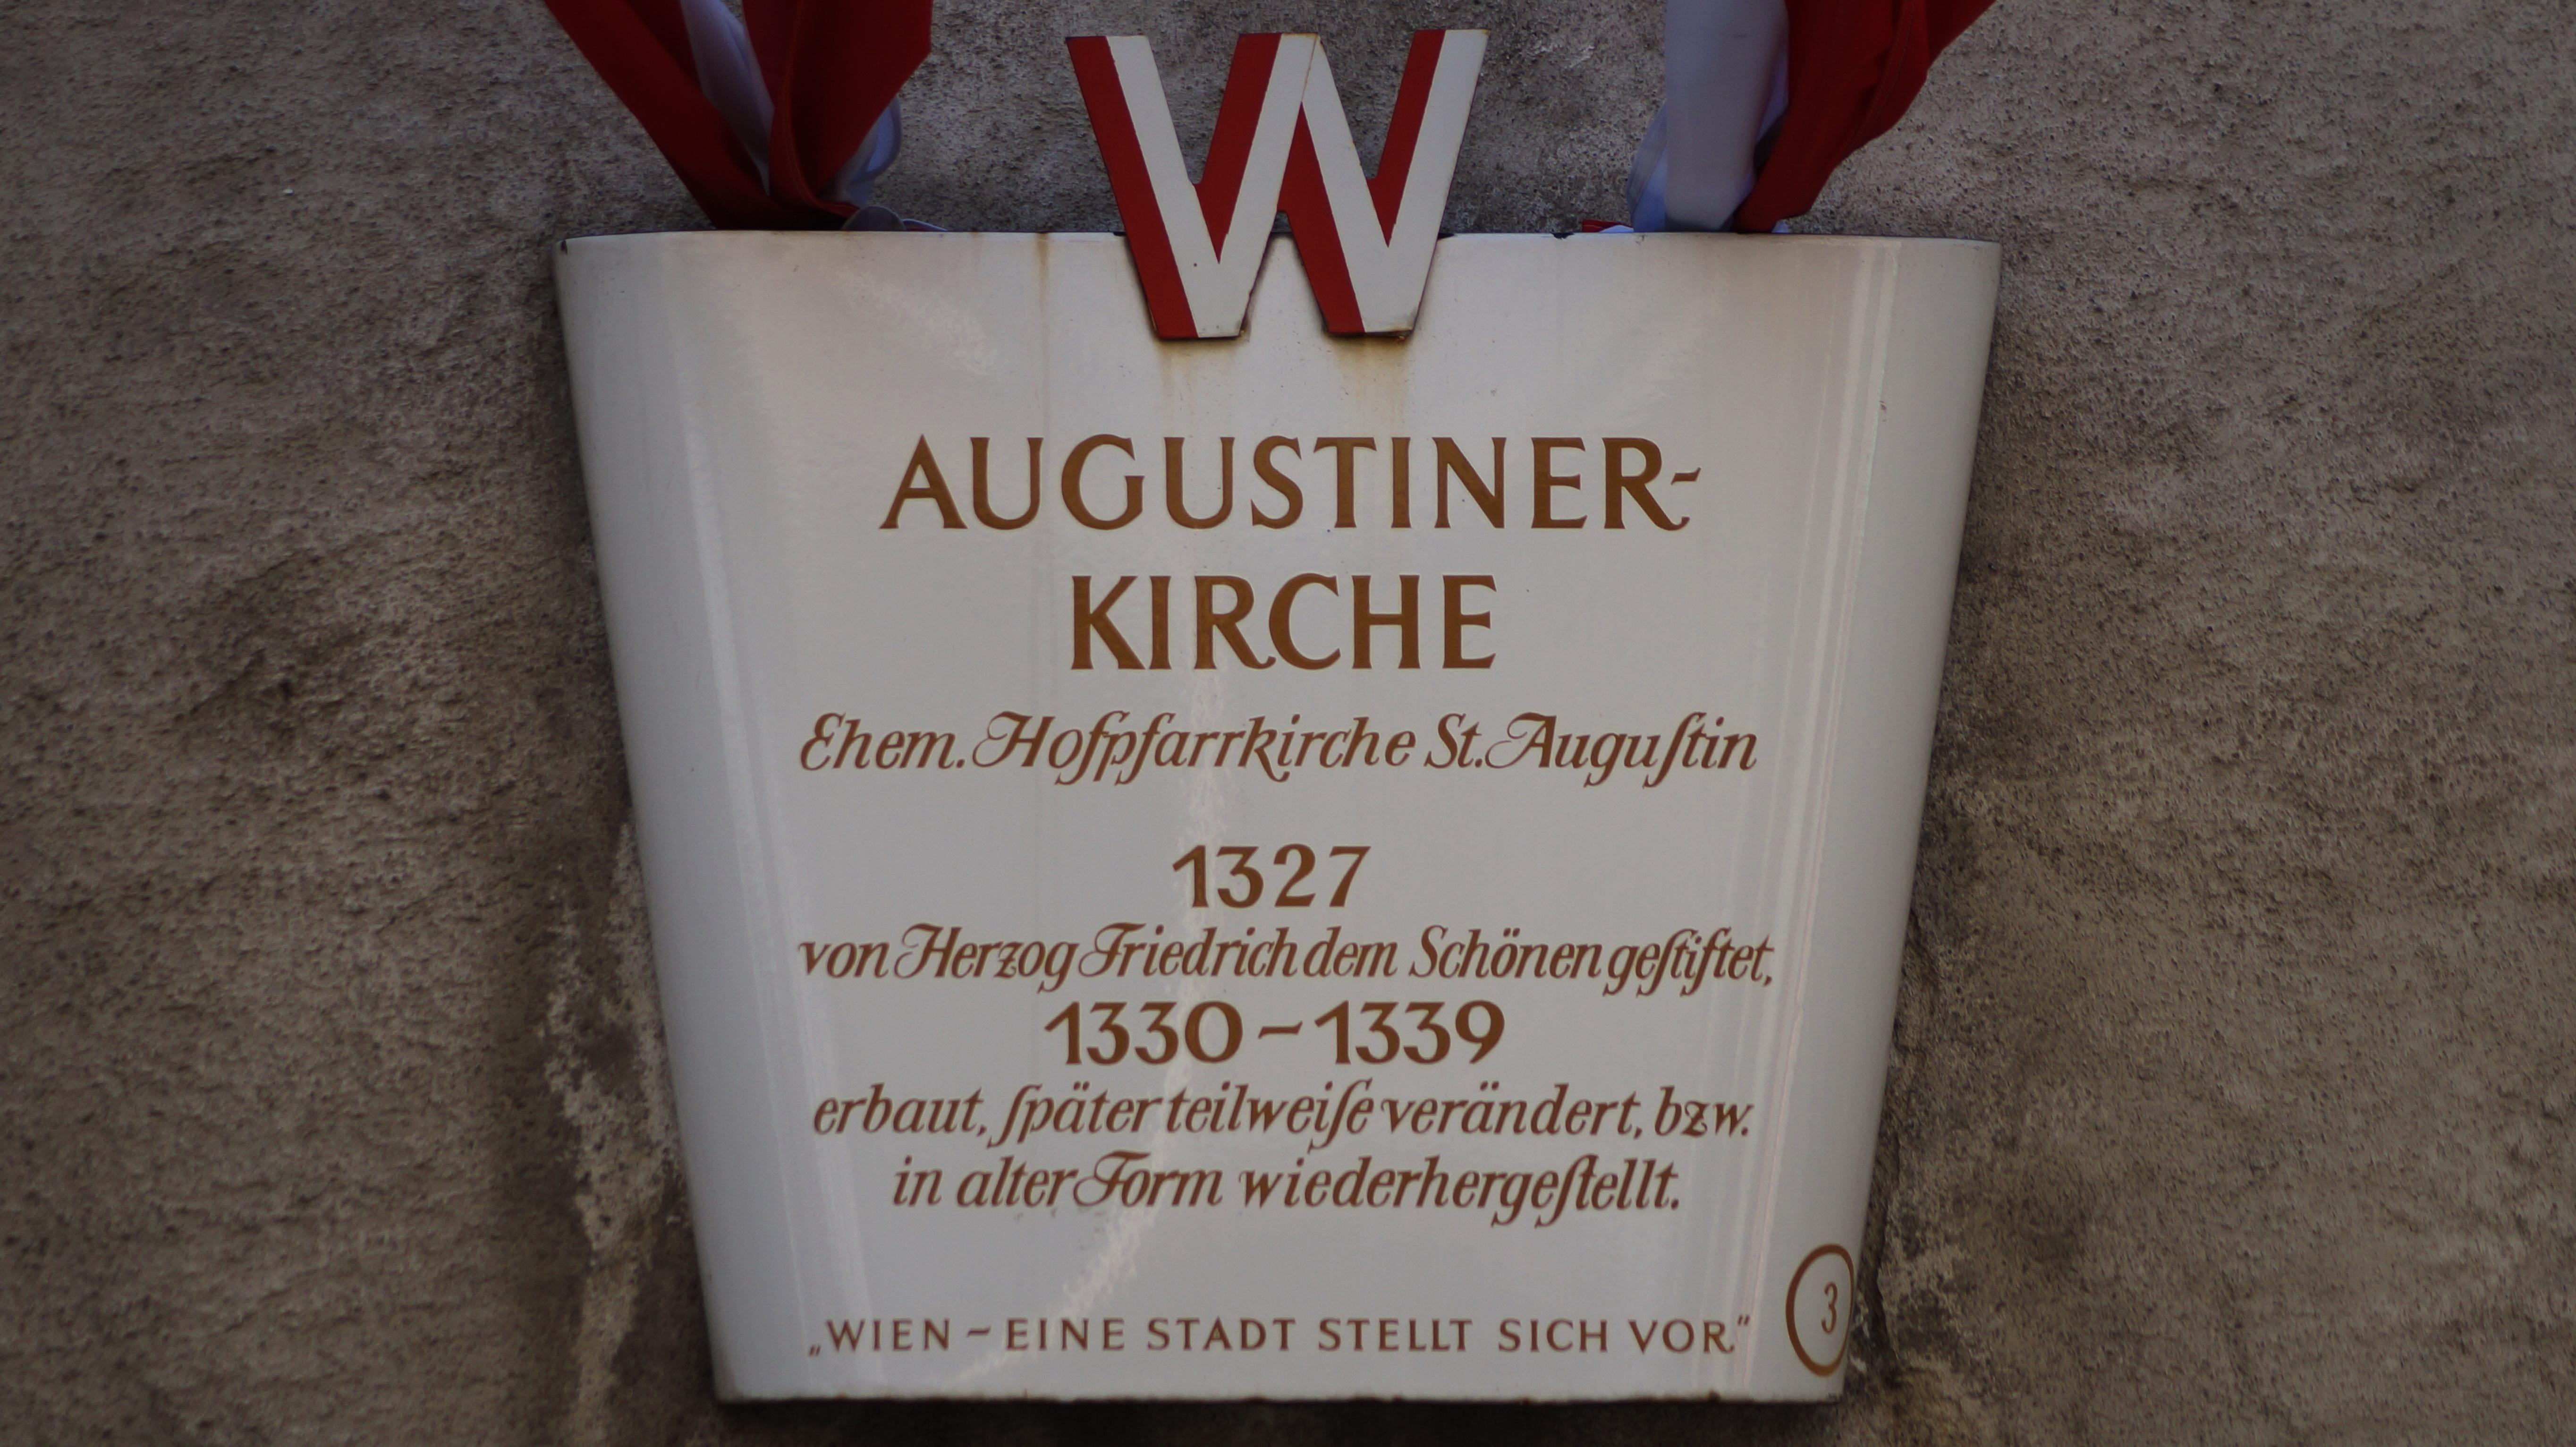 Augustiner - Kirche.JPG